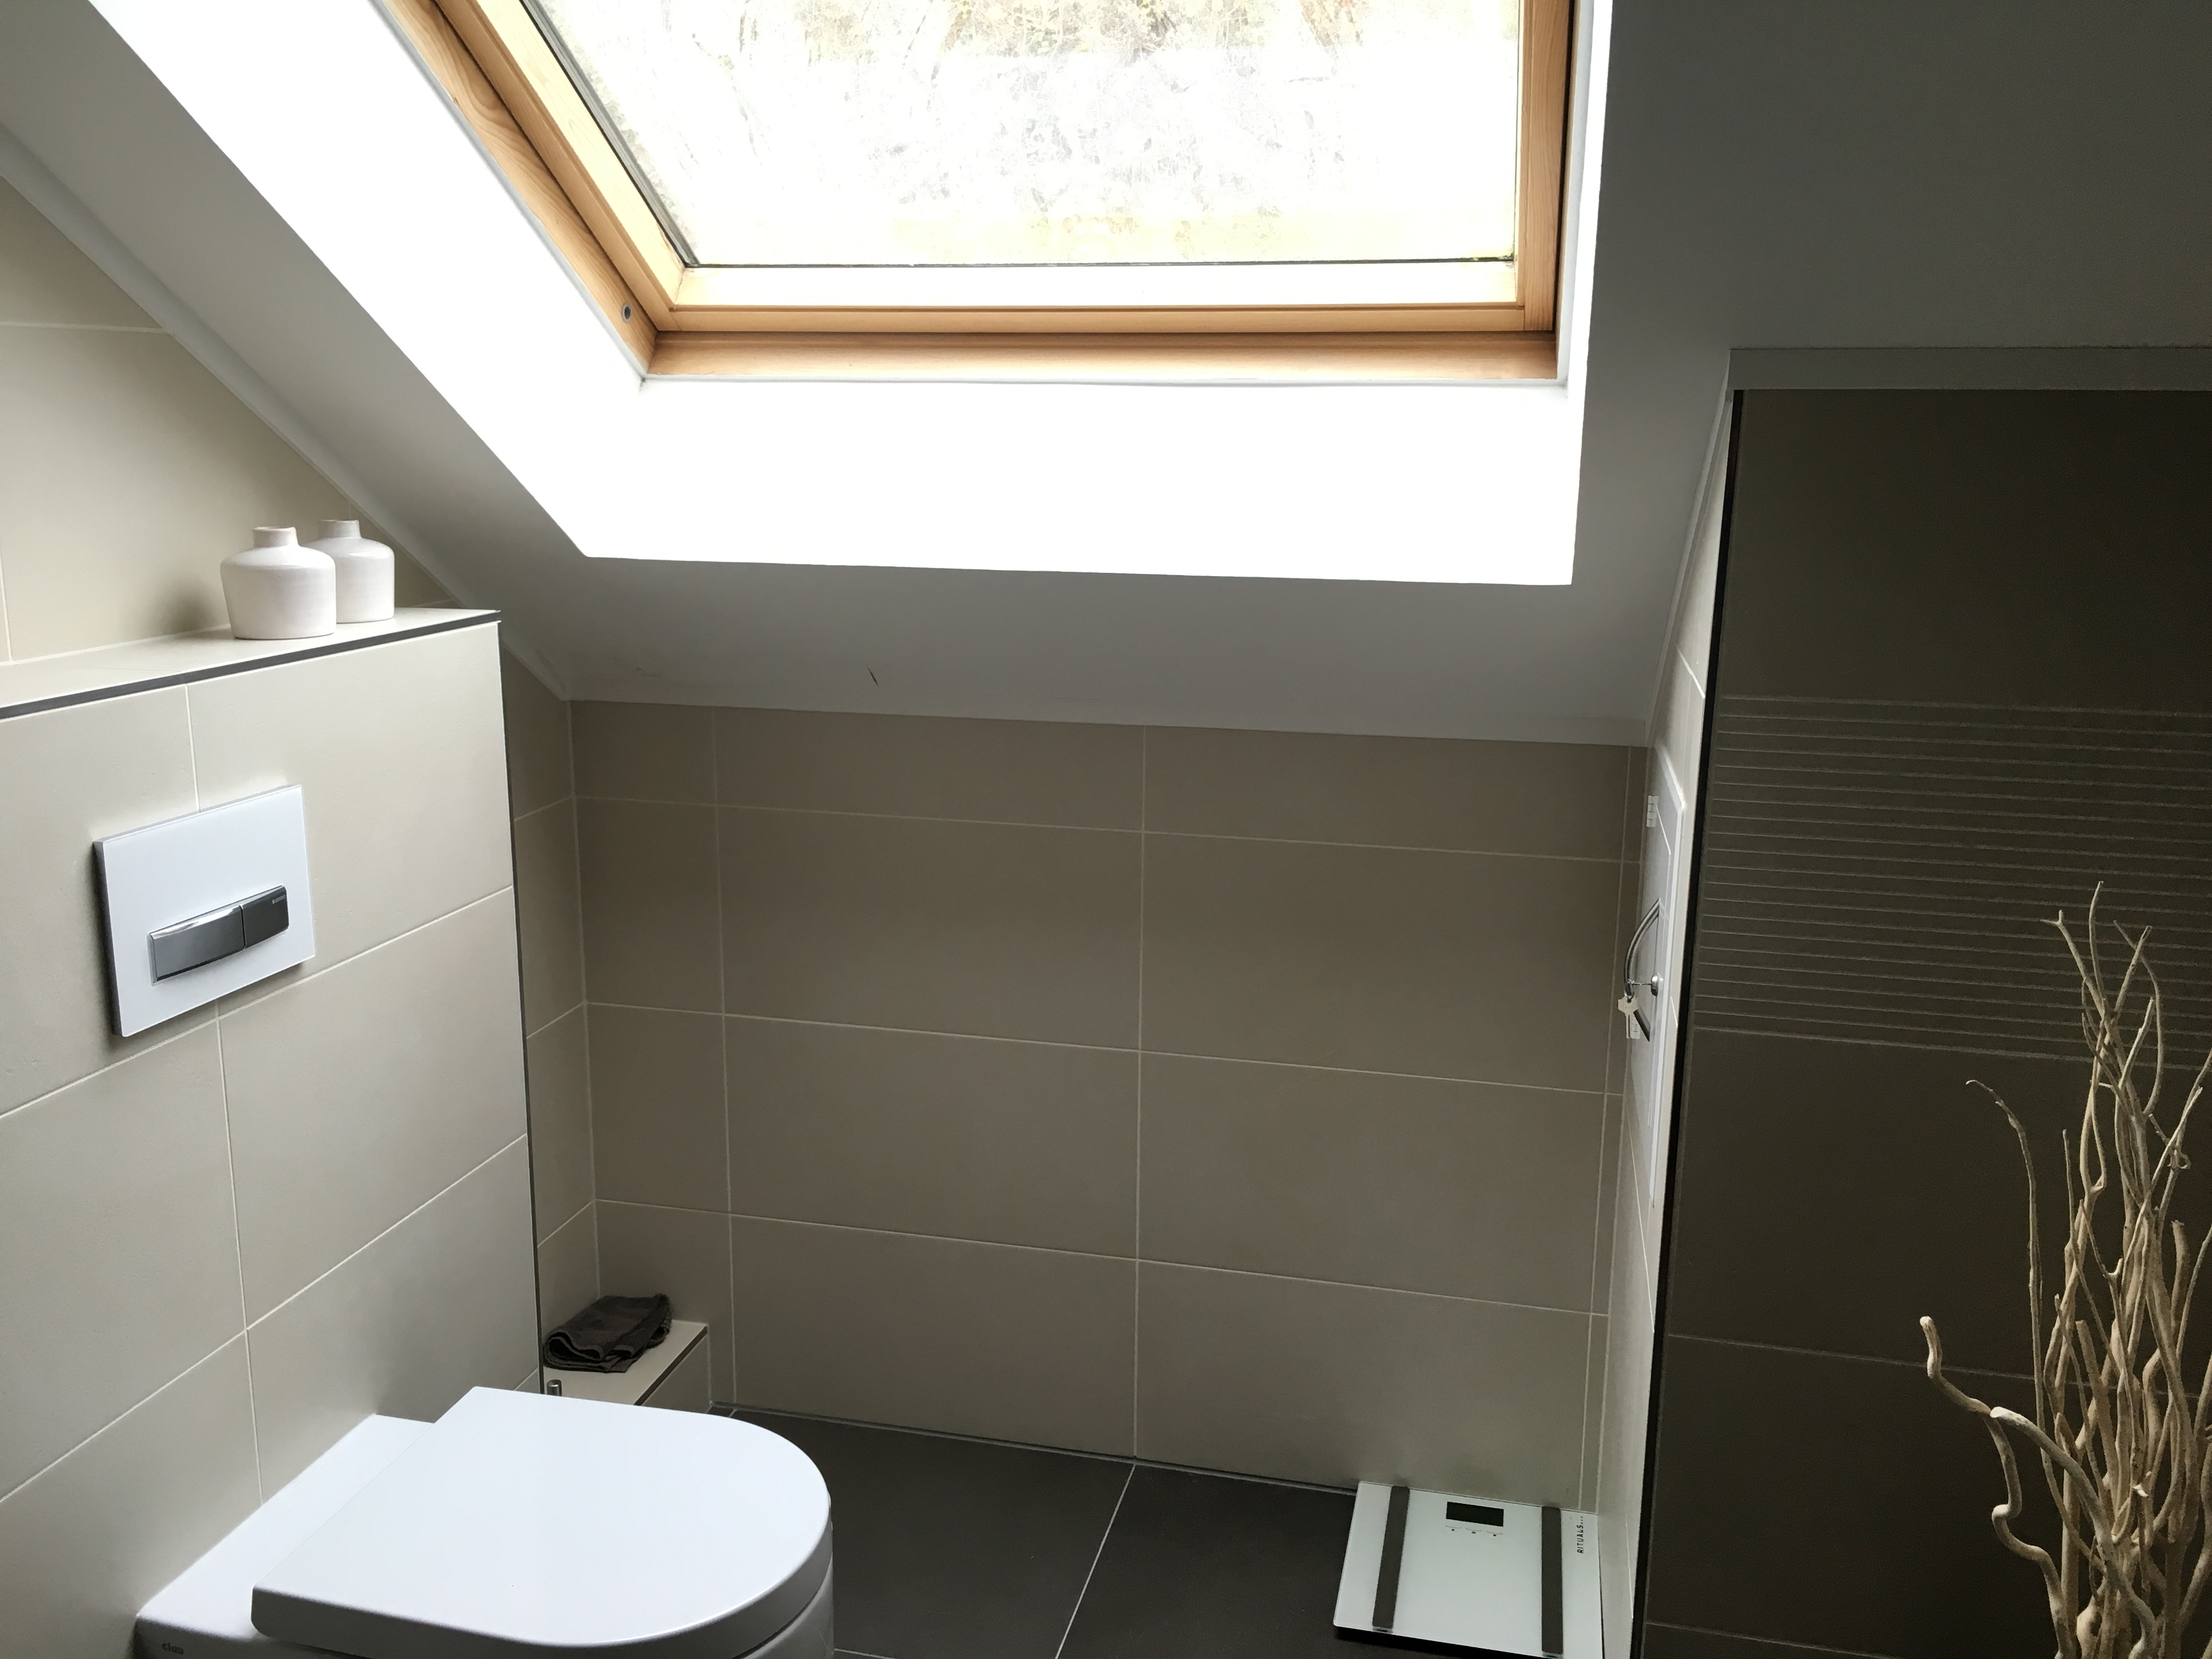 wasserschaden im badezimmer welche gr nde kann dies haben feuchtigkeit. Black Bedroom Furniture Sets. Home Design Ideas